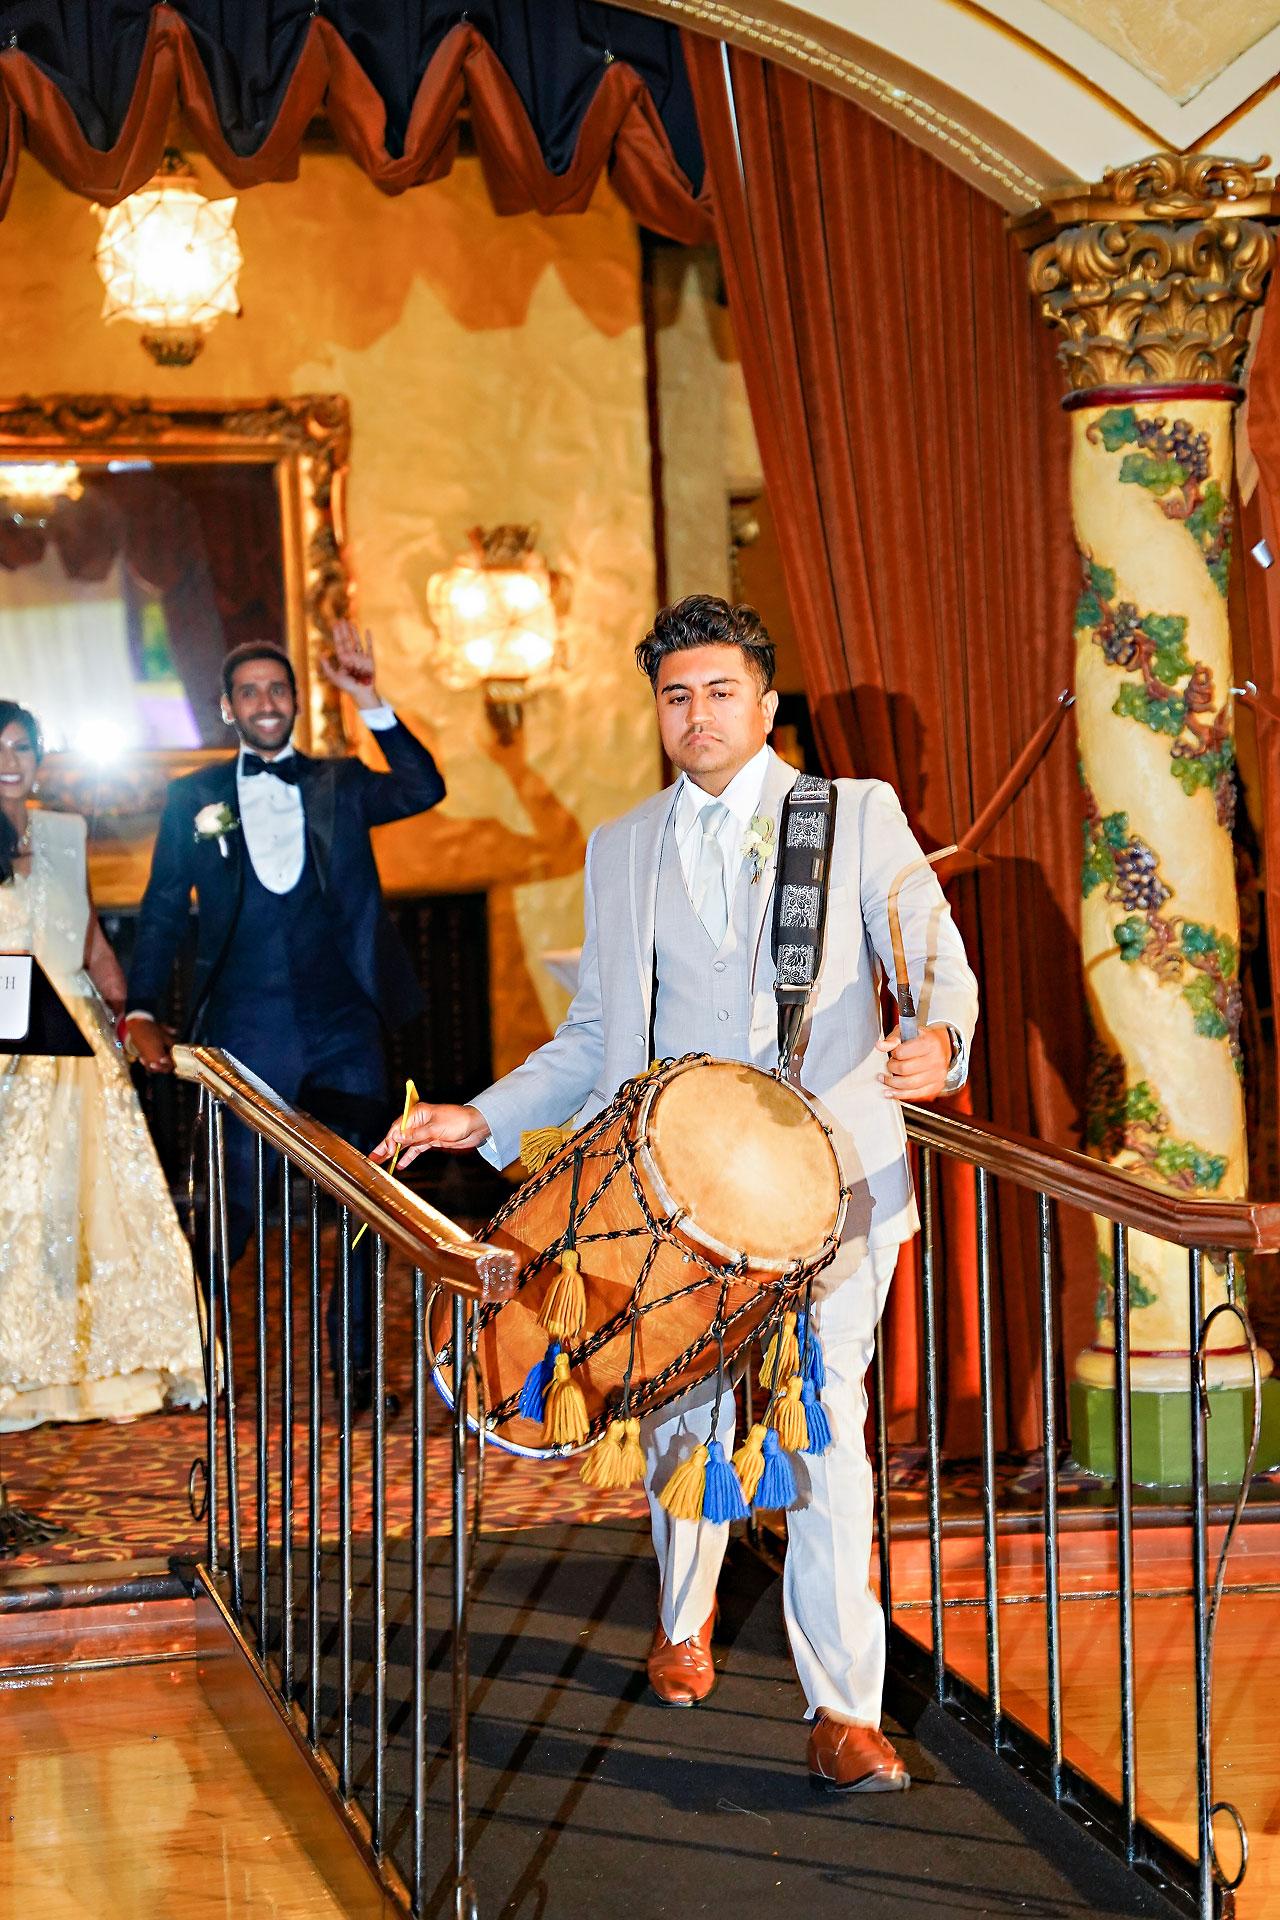 Shivani Kashyap Indianapolis Indian Wedding Reception 368